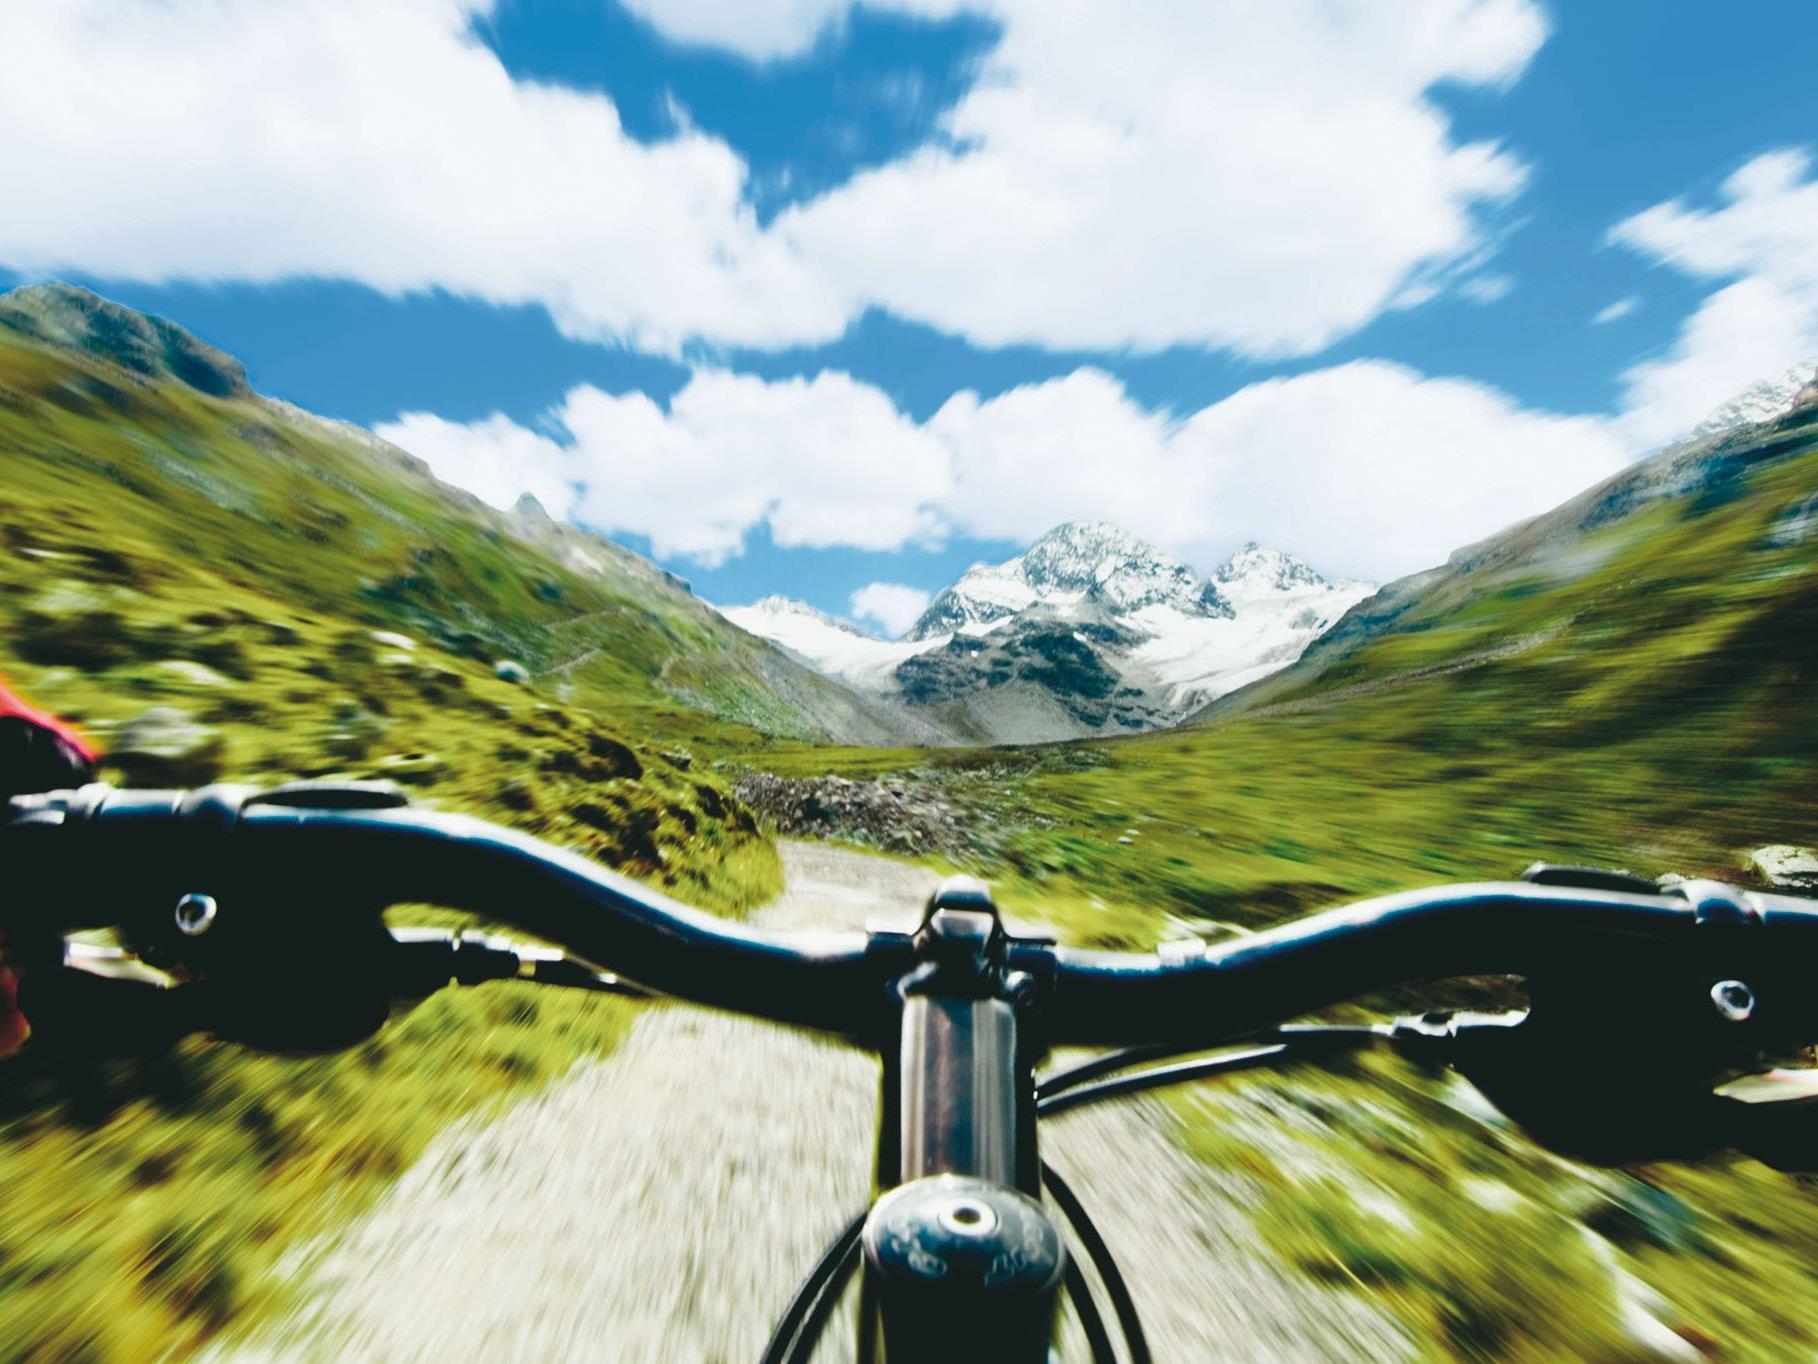 Am Wochenende findet wieder der M3 Montafon Mountainbike Marathon statt